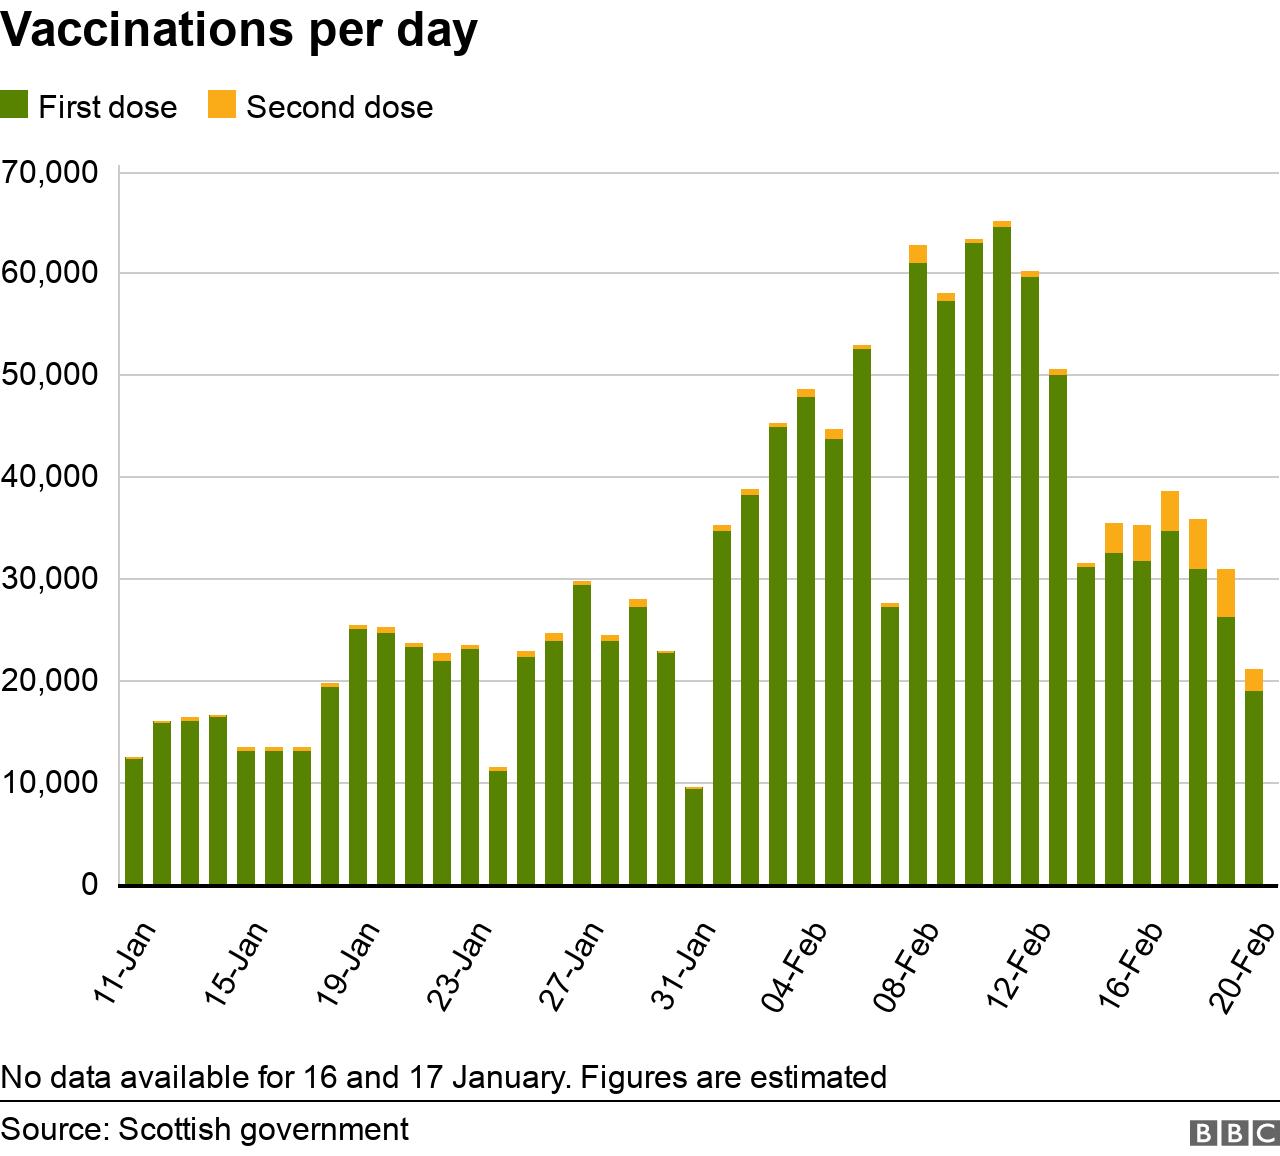 Vaccine doses per day